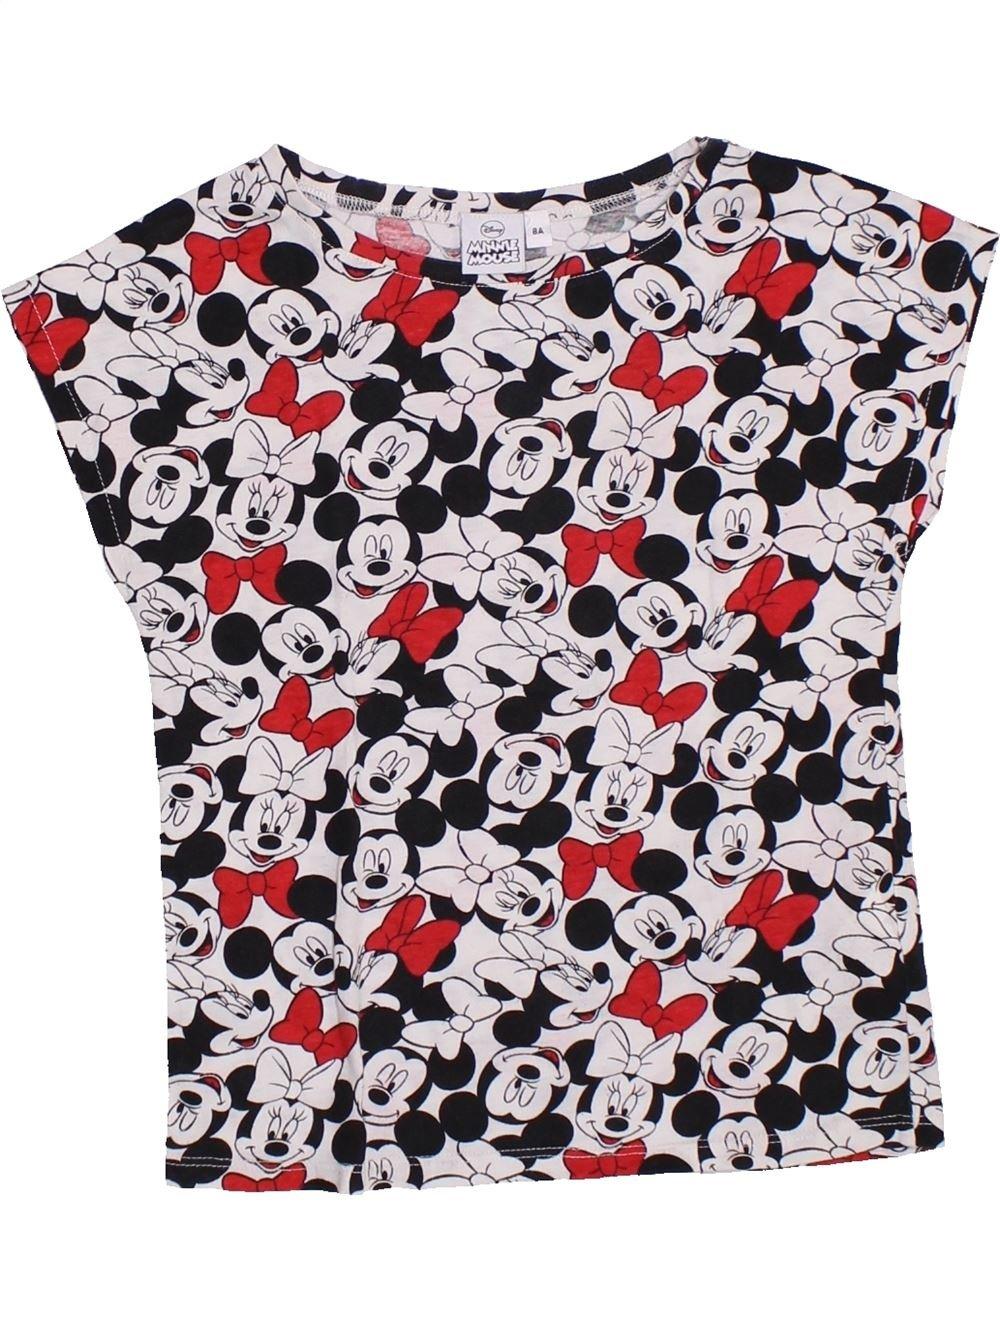 4c83bb2ab72c7 T-shirt manches courtes noir DISNEY du 8 ans pour Fille - 1326181